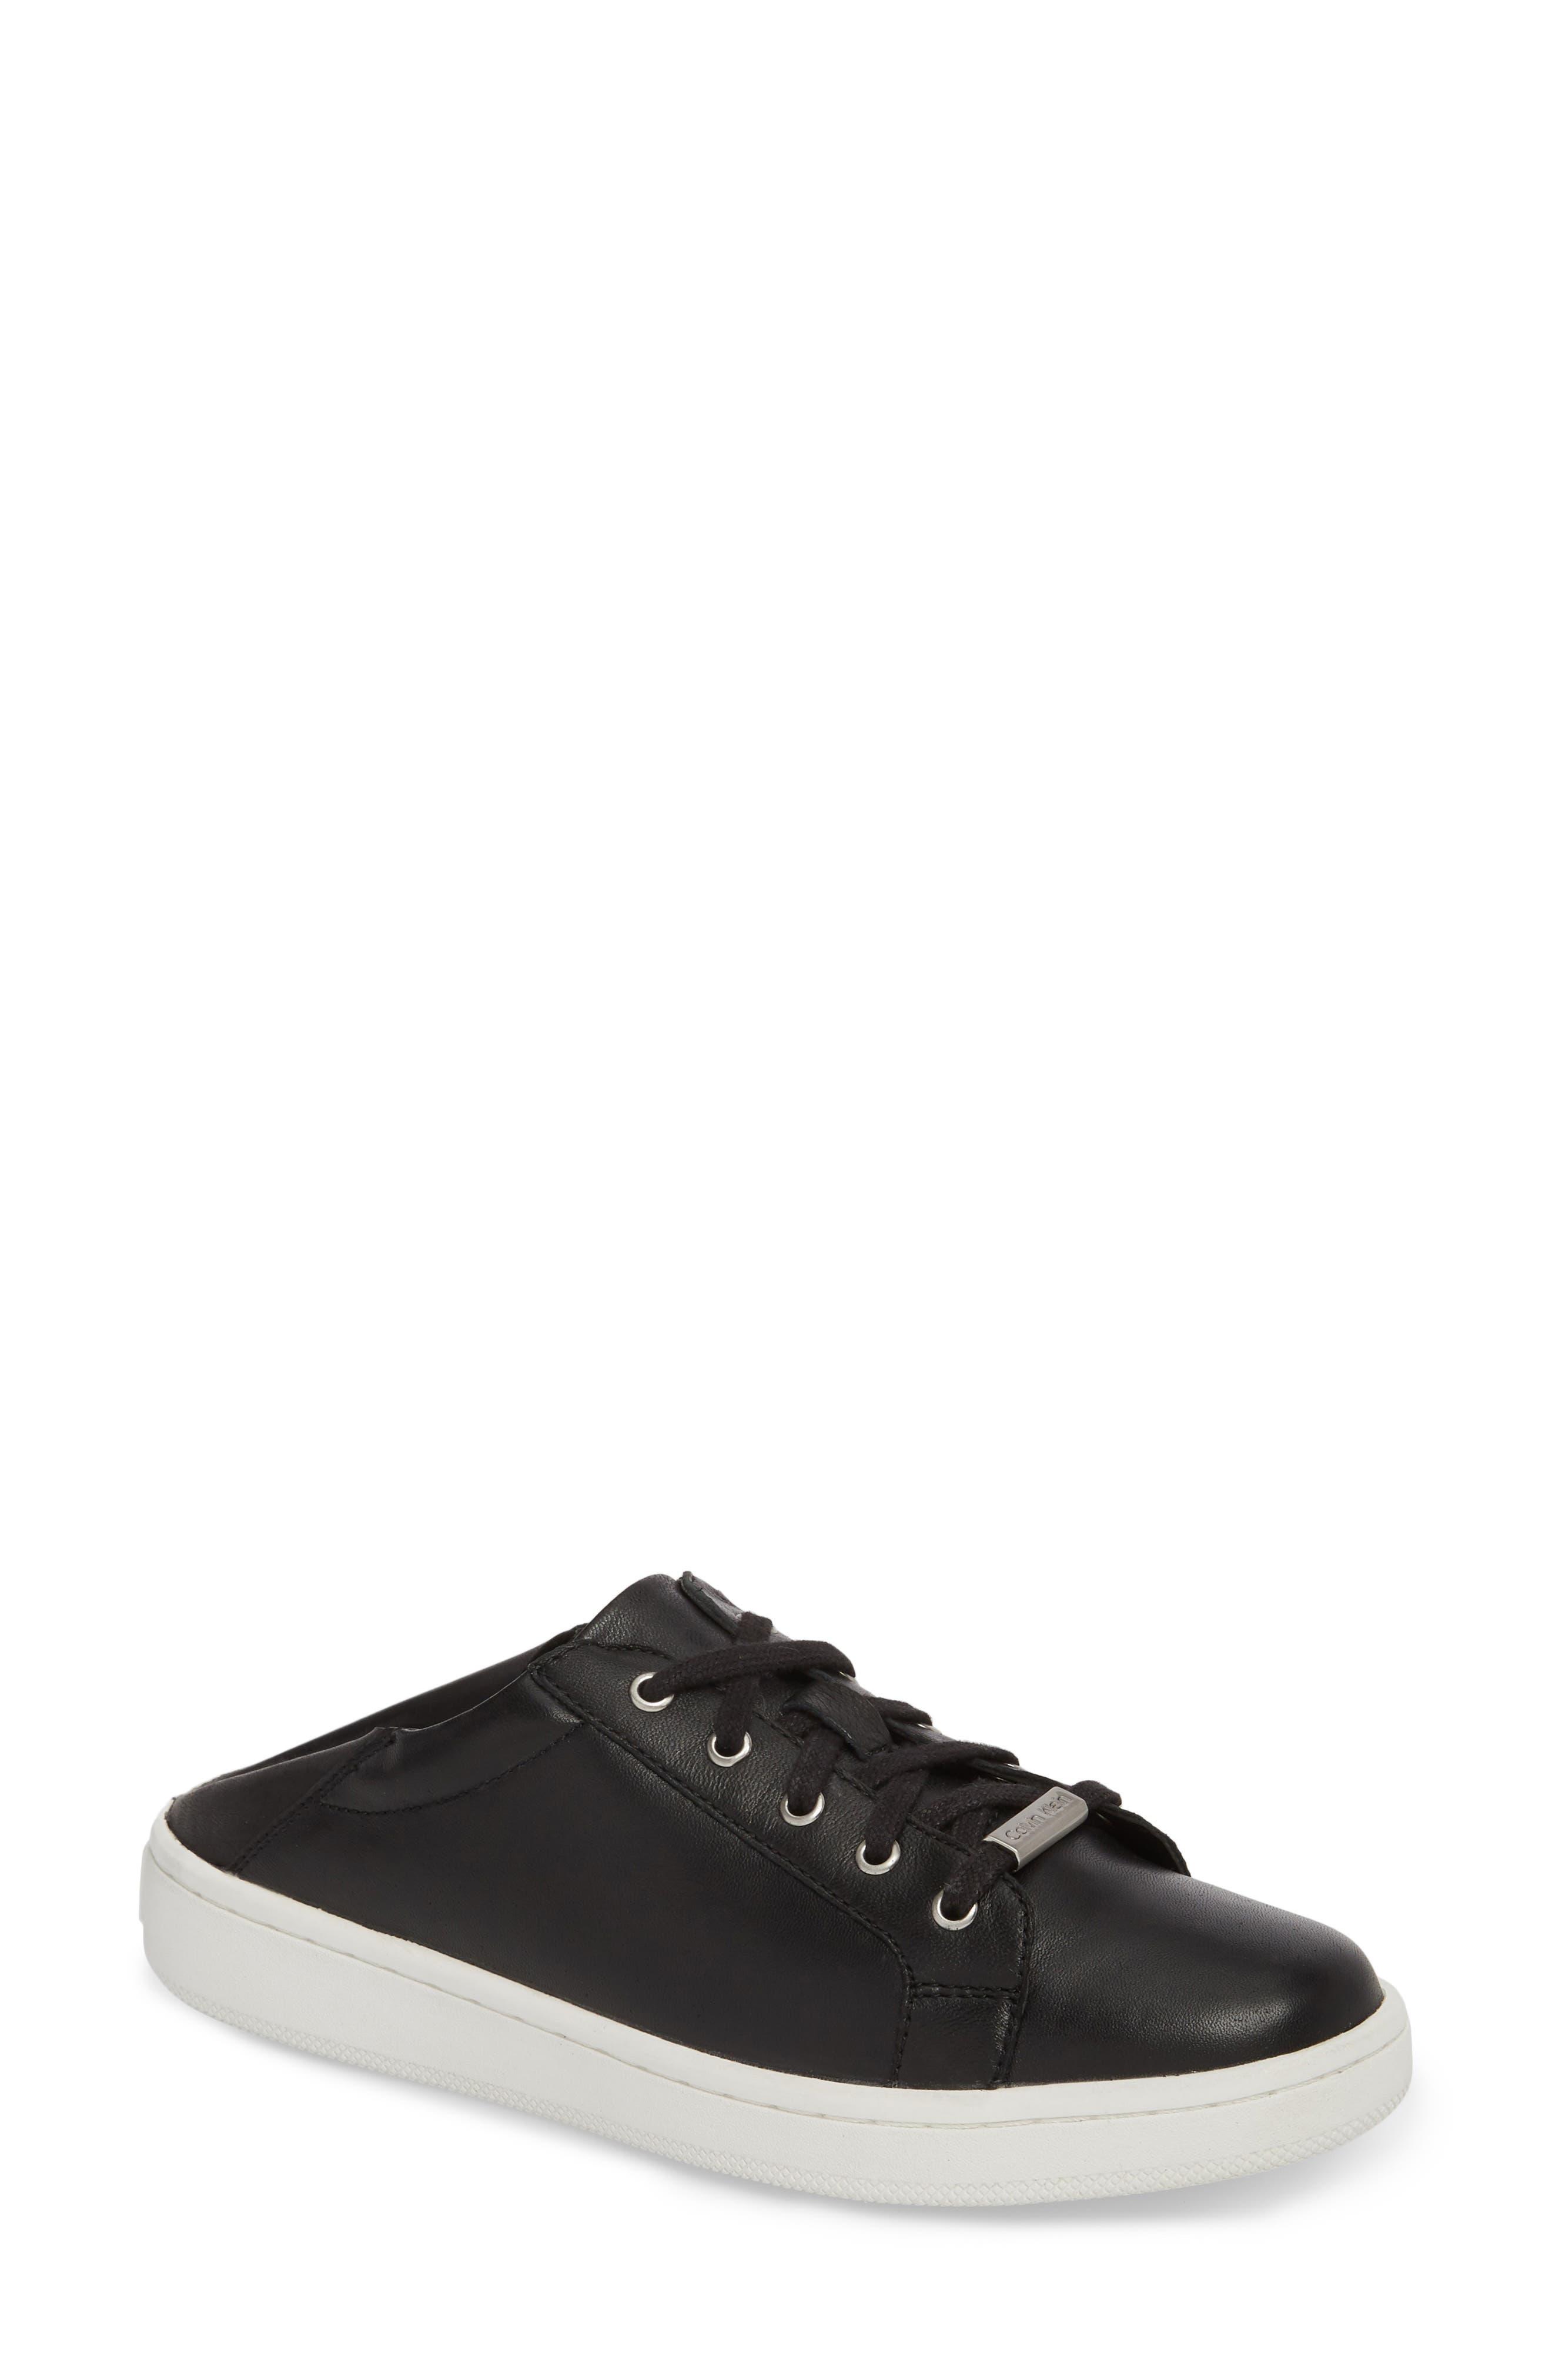 Danica Convertible Sneaker,                         Main,                         color, 004